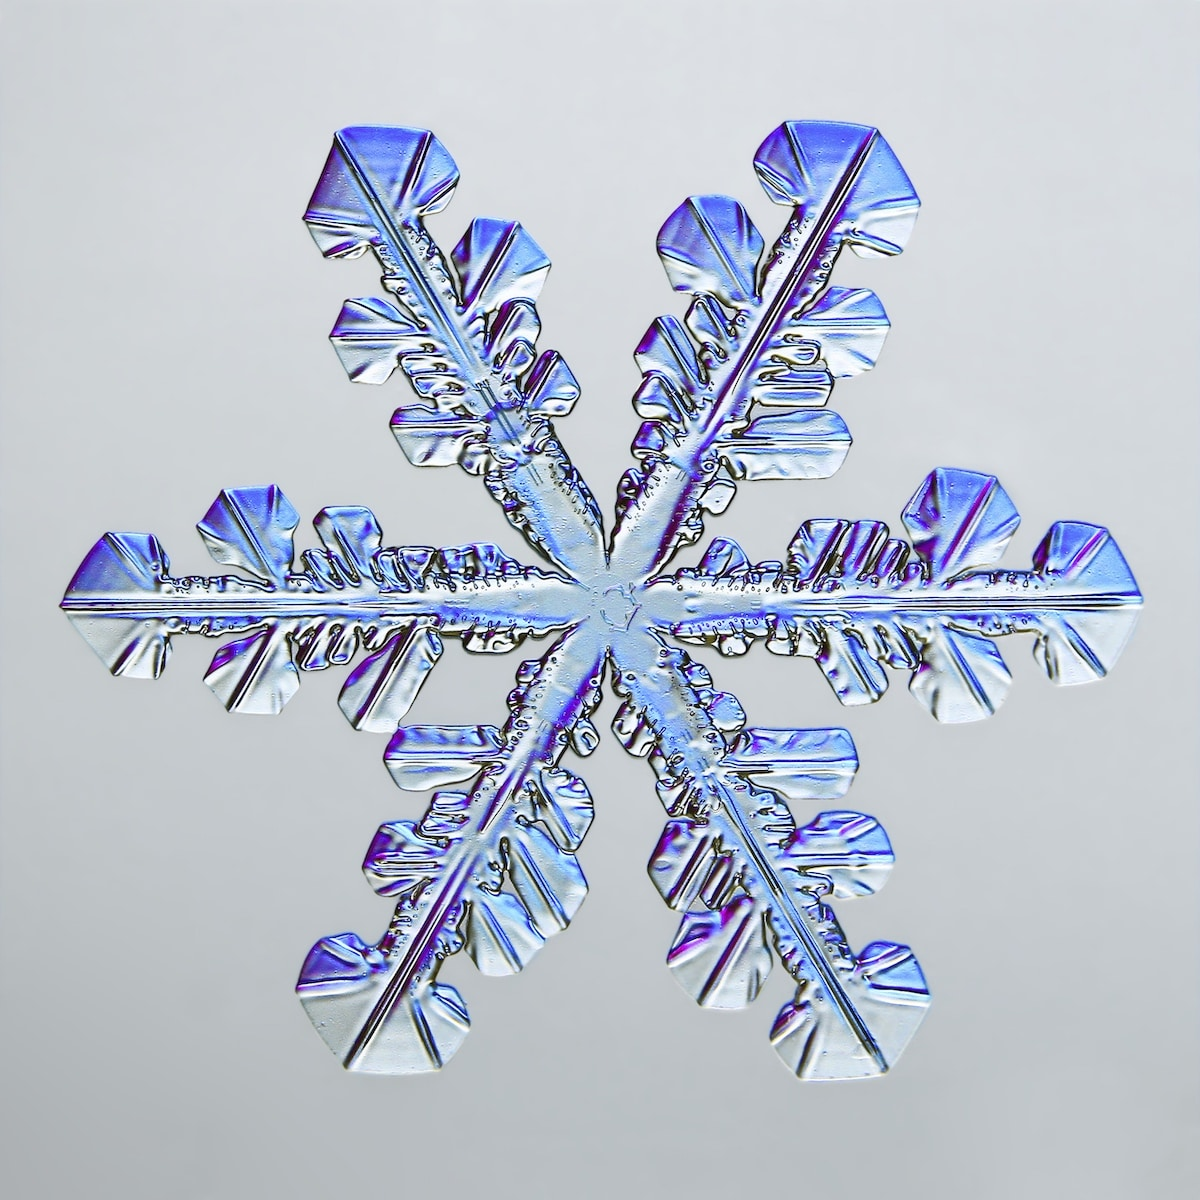 fotomicrografía de copo de nieve